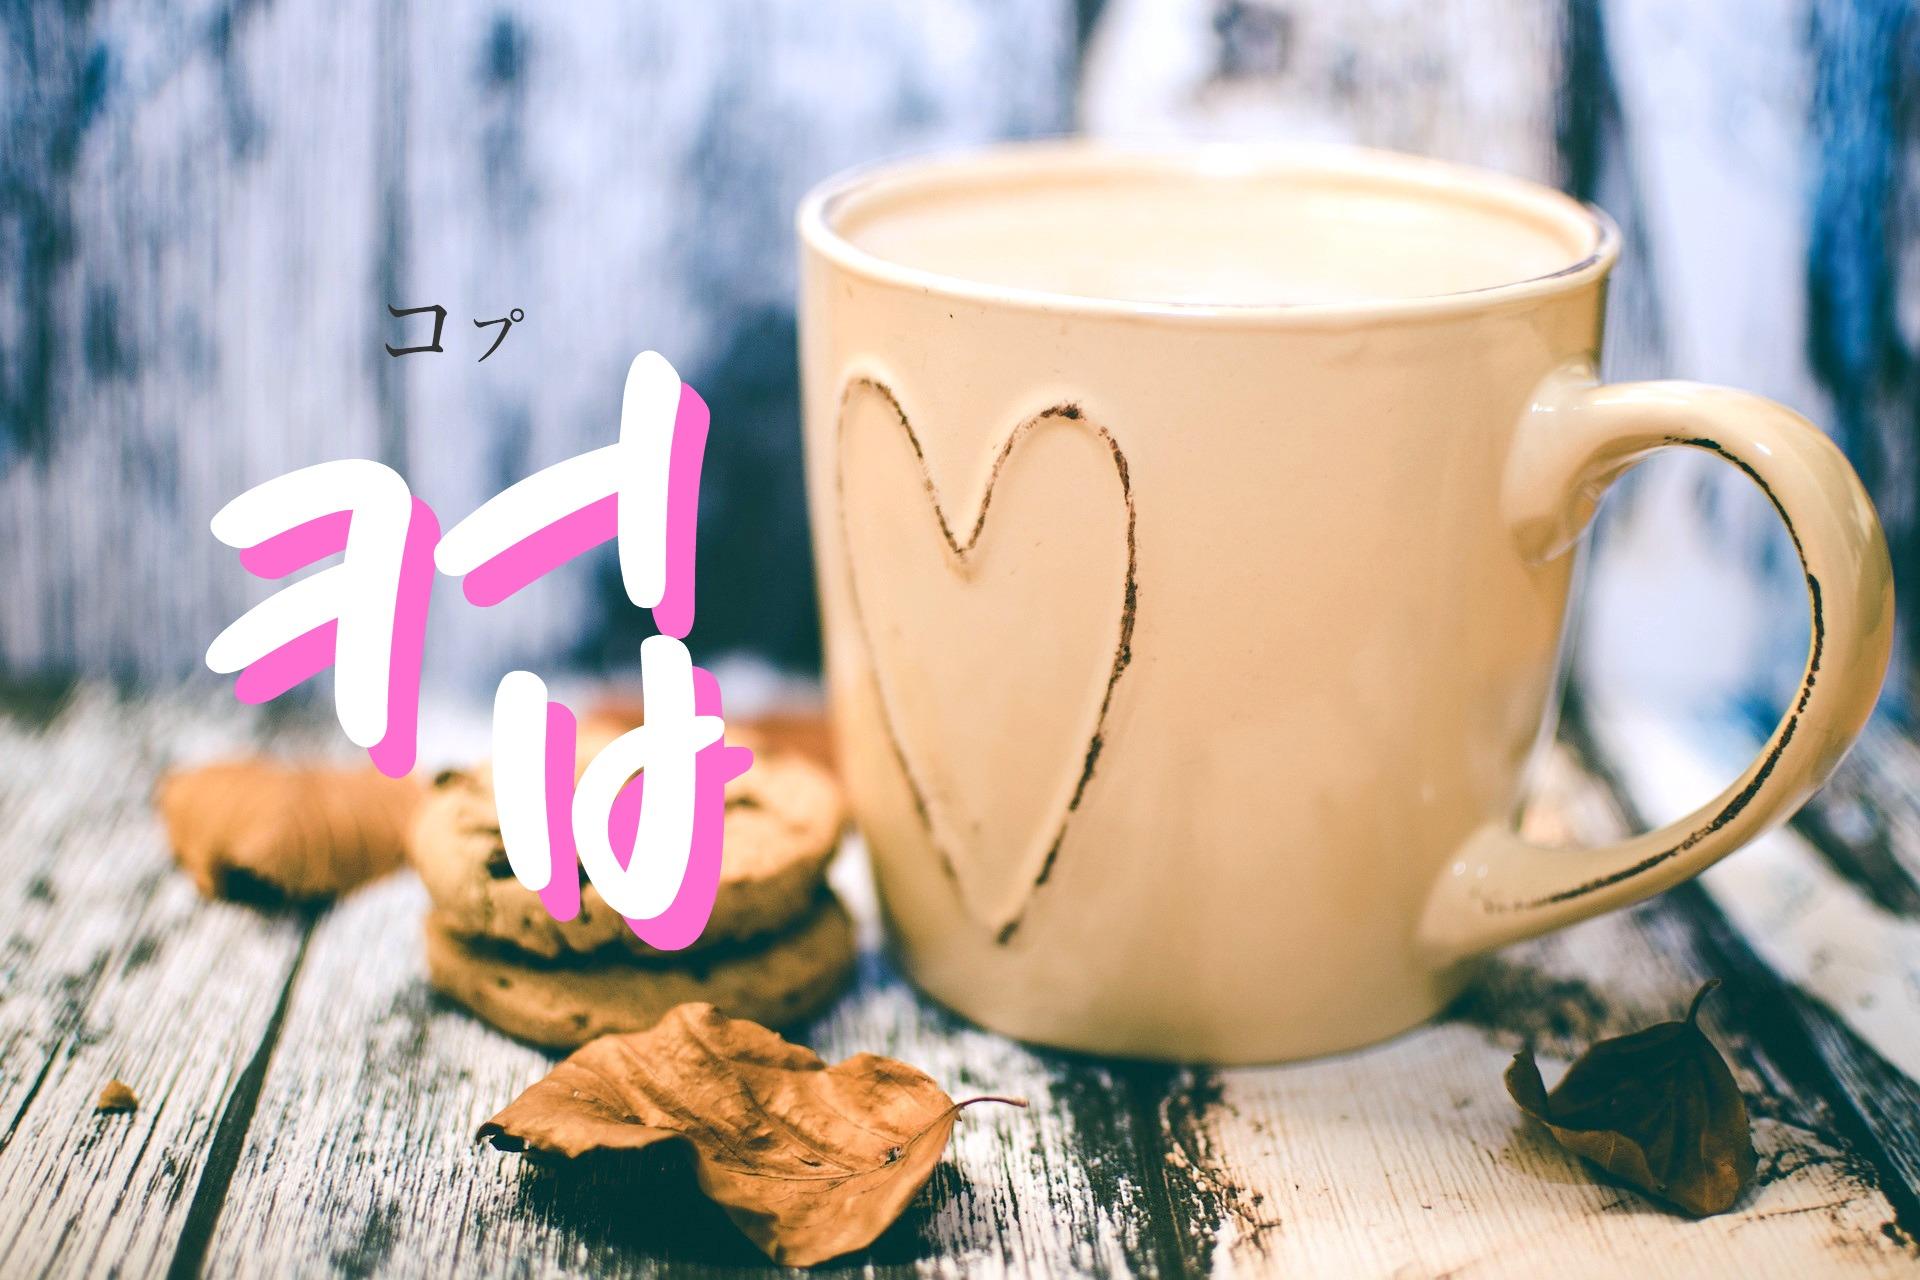 koreanword-cups